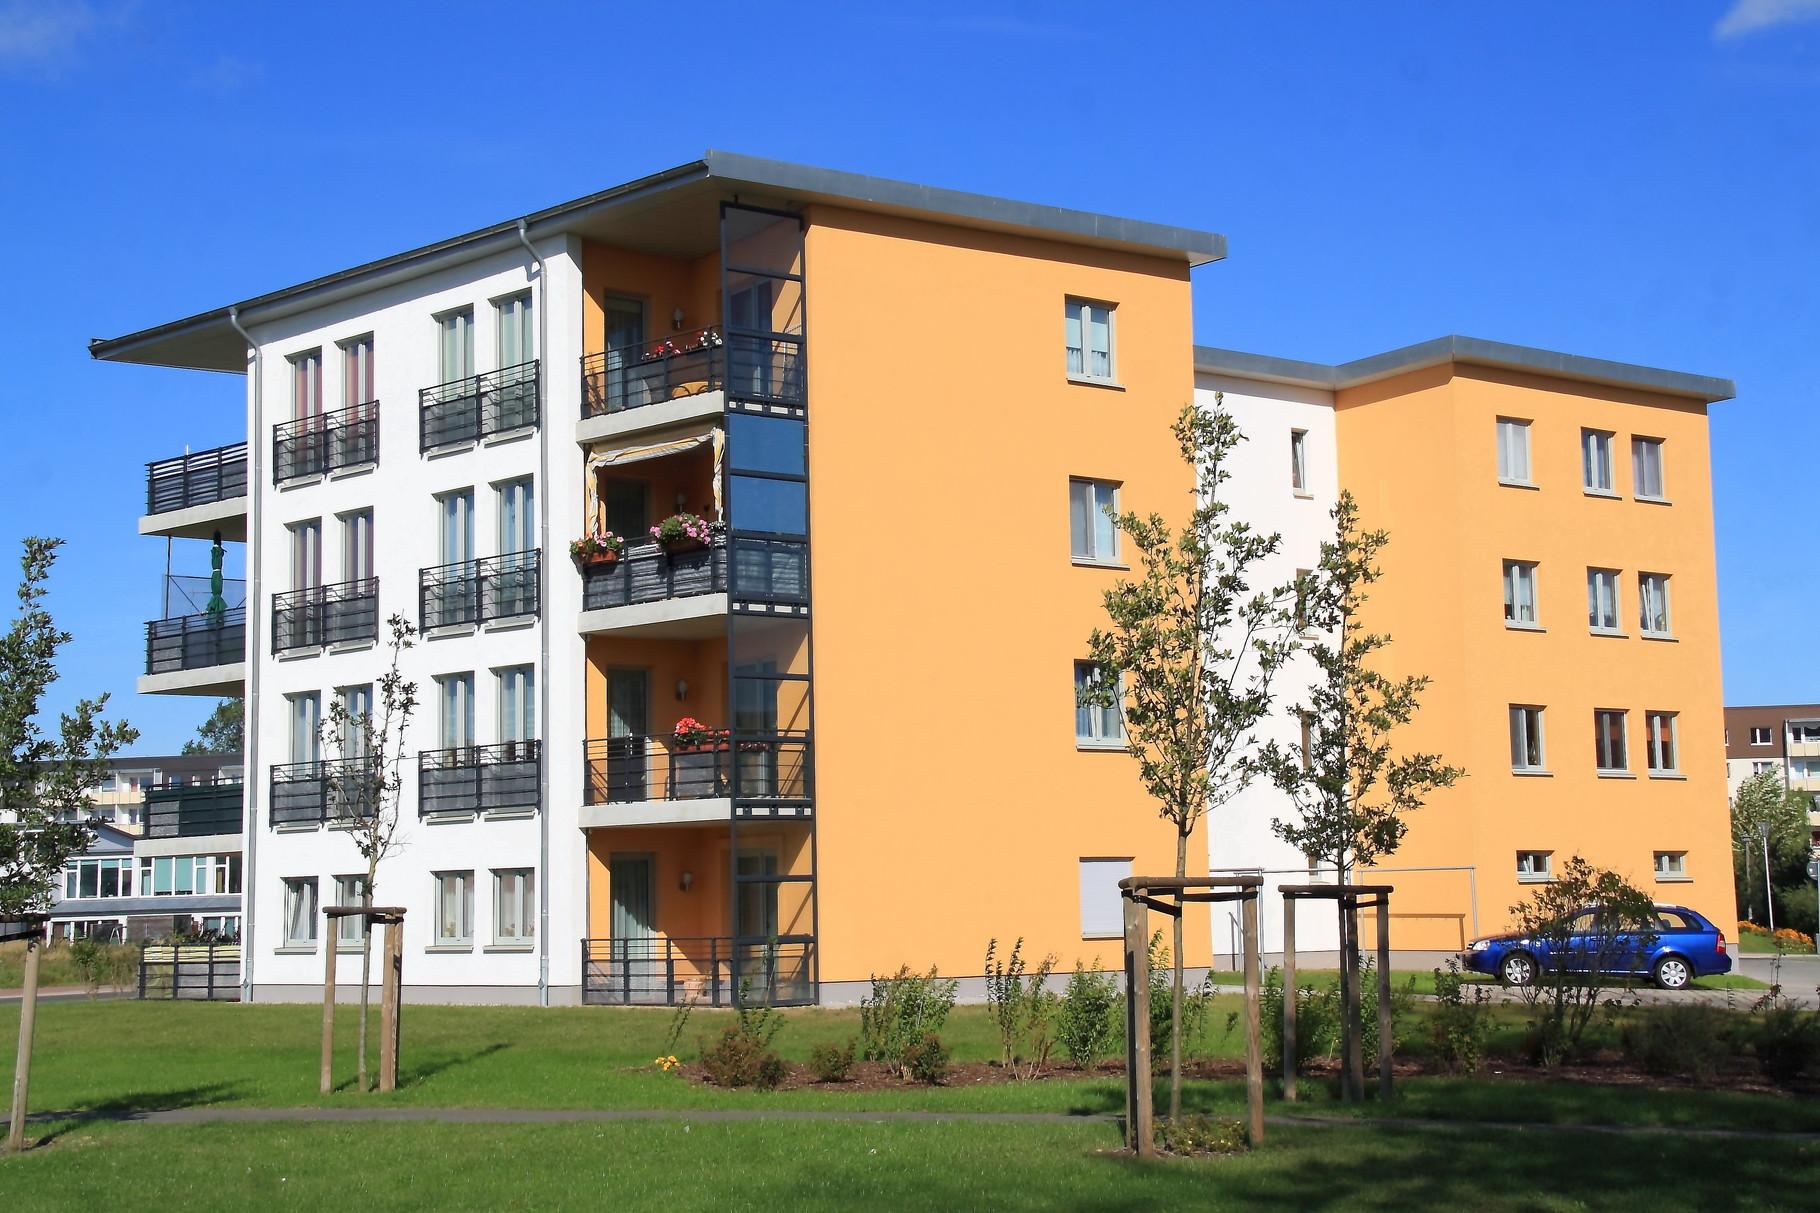 Wohnungsgesellschaft Wolgast